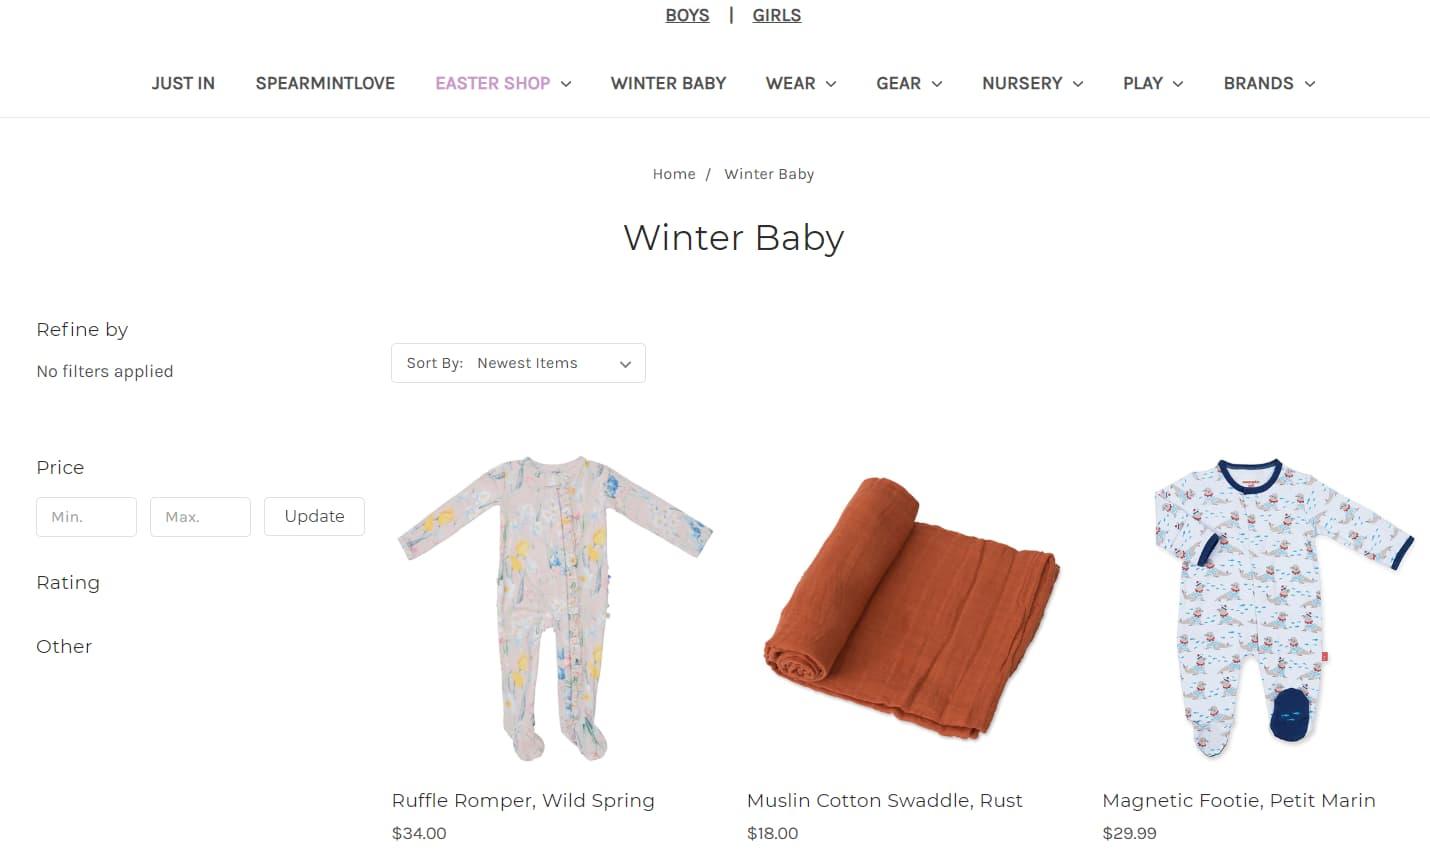 Sito ecommerce di abbigliamento per bambini